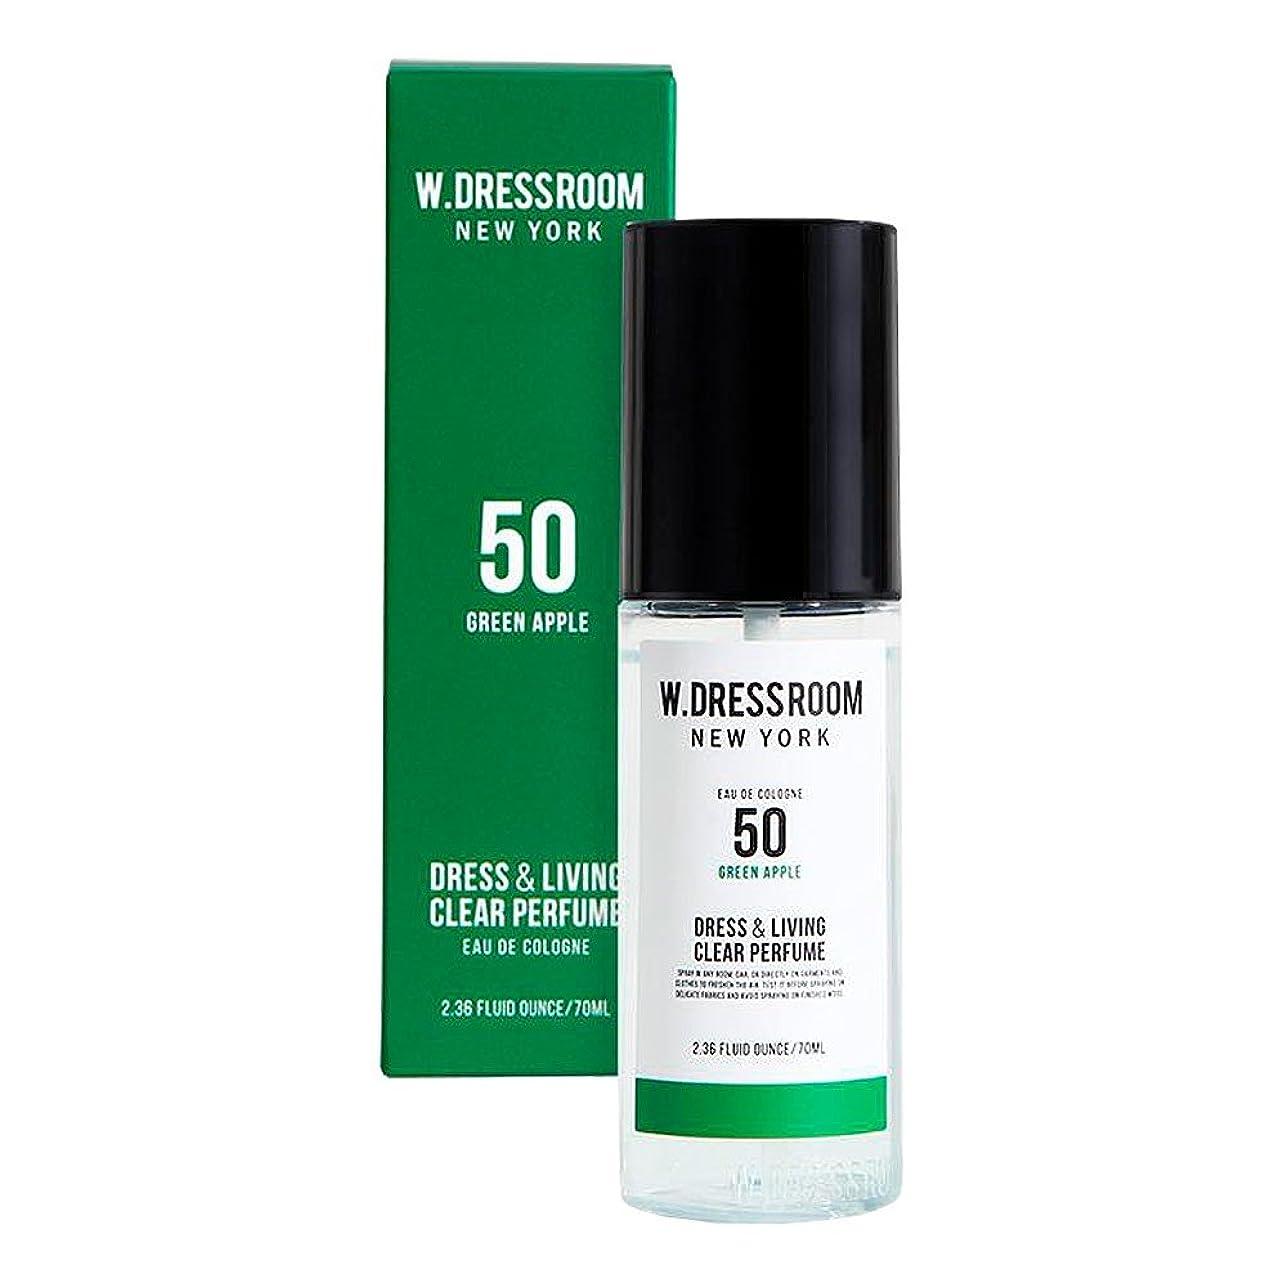 焦げ隙間風邪をひくW.DRESSROOM Dress & Living Clear Perfume fragrance 70ml (#No.50 Green Apple)/ダブルドレスルーム ドレス&リビング クリア パフューム 70ml (#No.50 Green Apple)